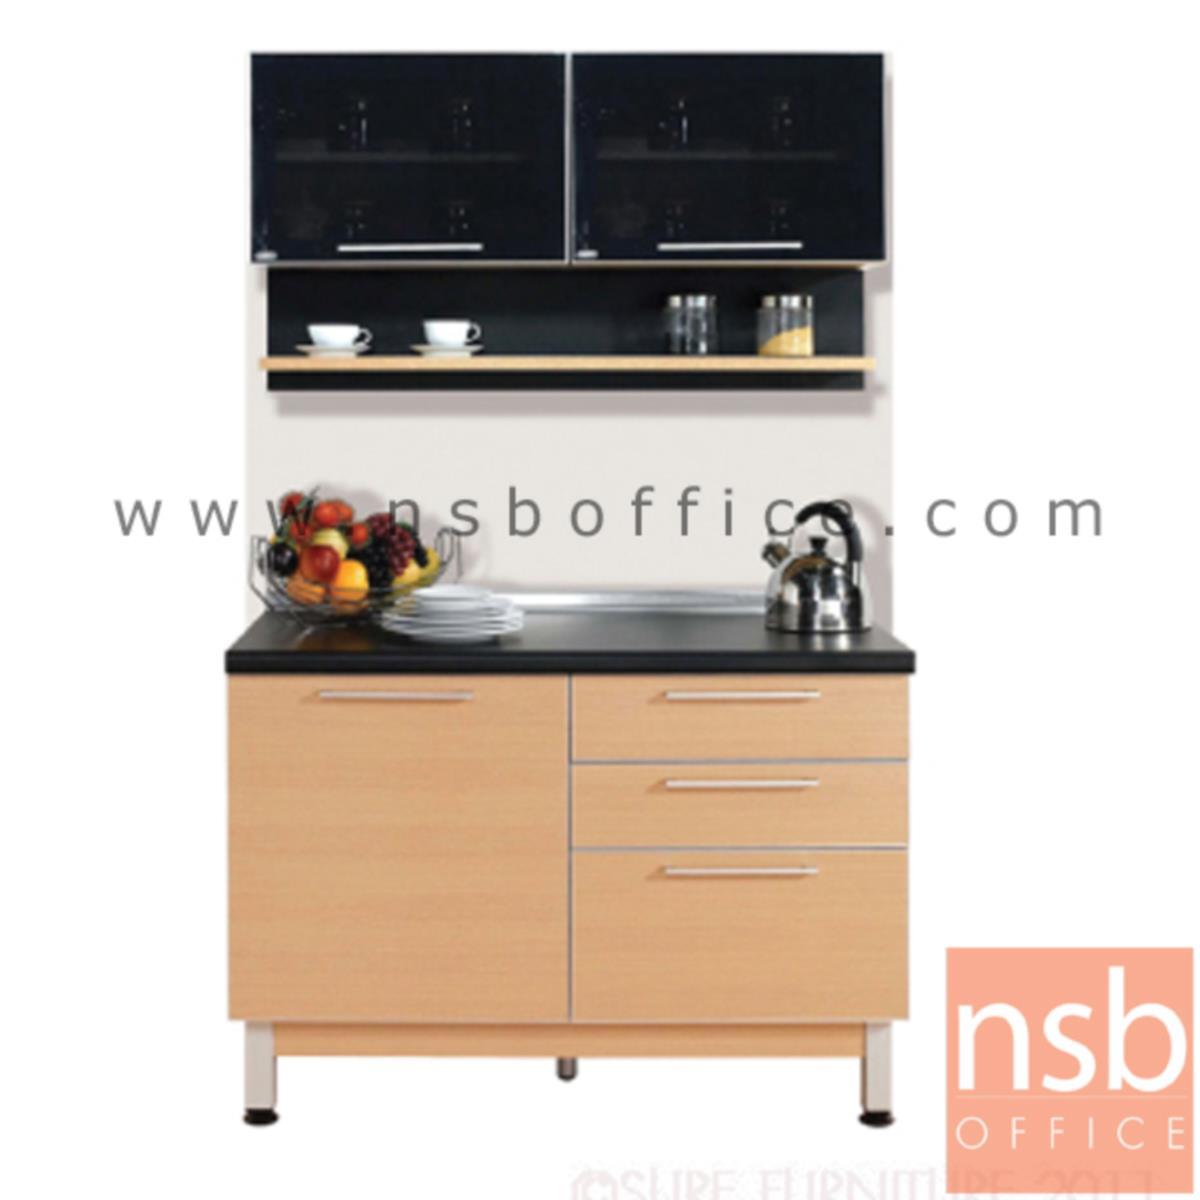 K02A009: ชุดตู้ครัวสีบีทดำ 120W cm. รุ่น Step 91  (สำหรับครัวเปียกและครัวแห้ง)